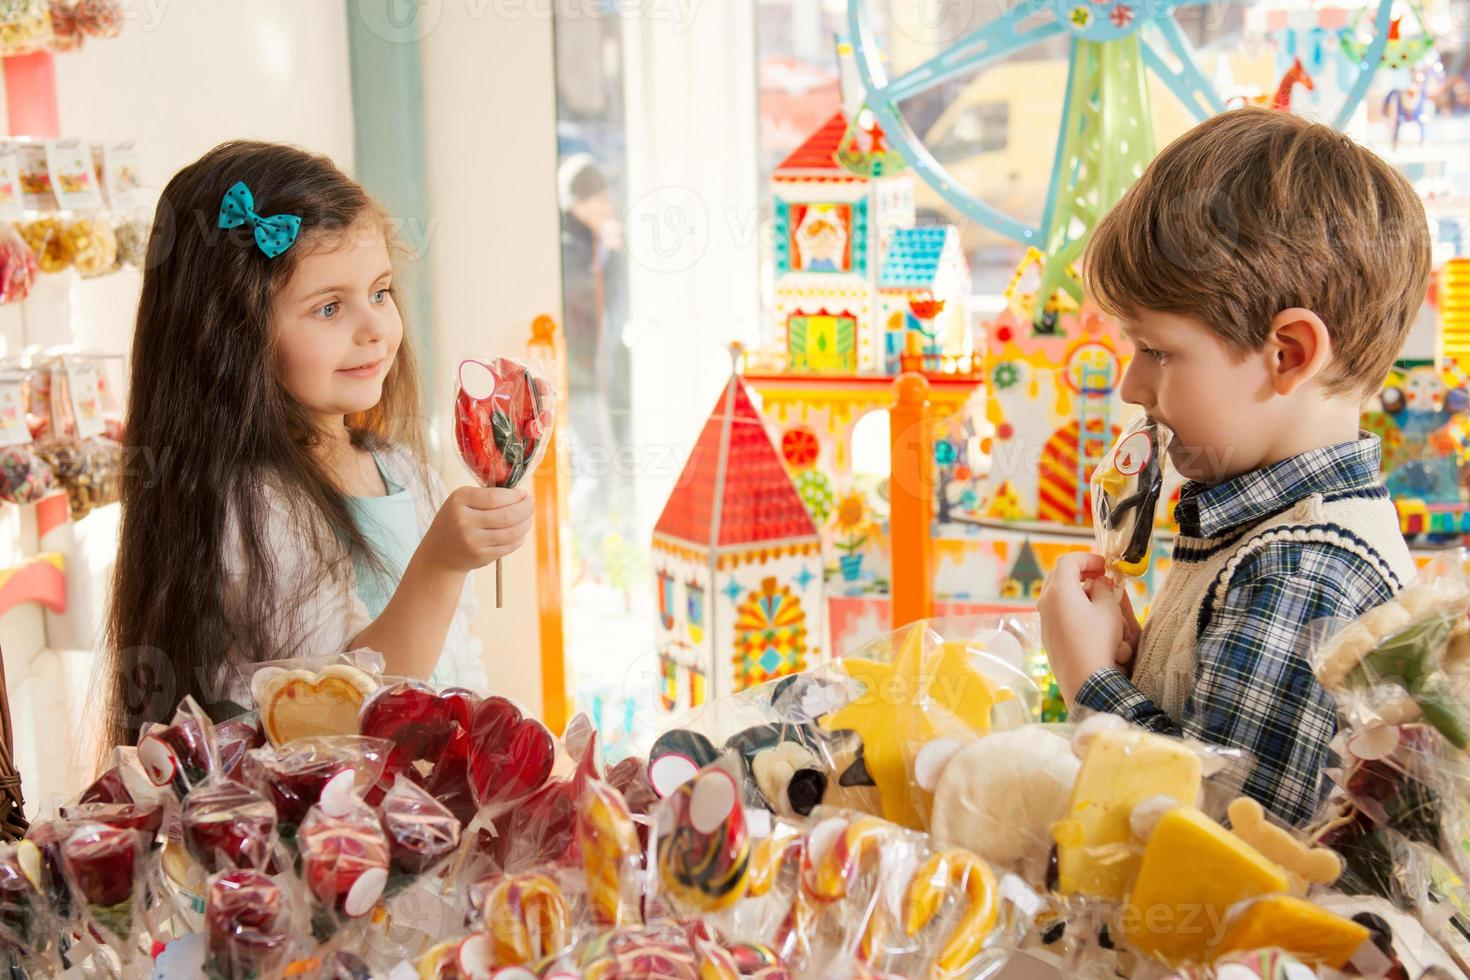 enfants heureux dans un magasin de bonbons photo